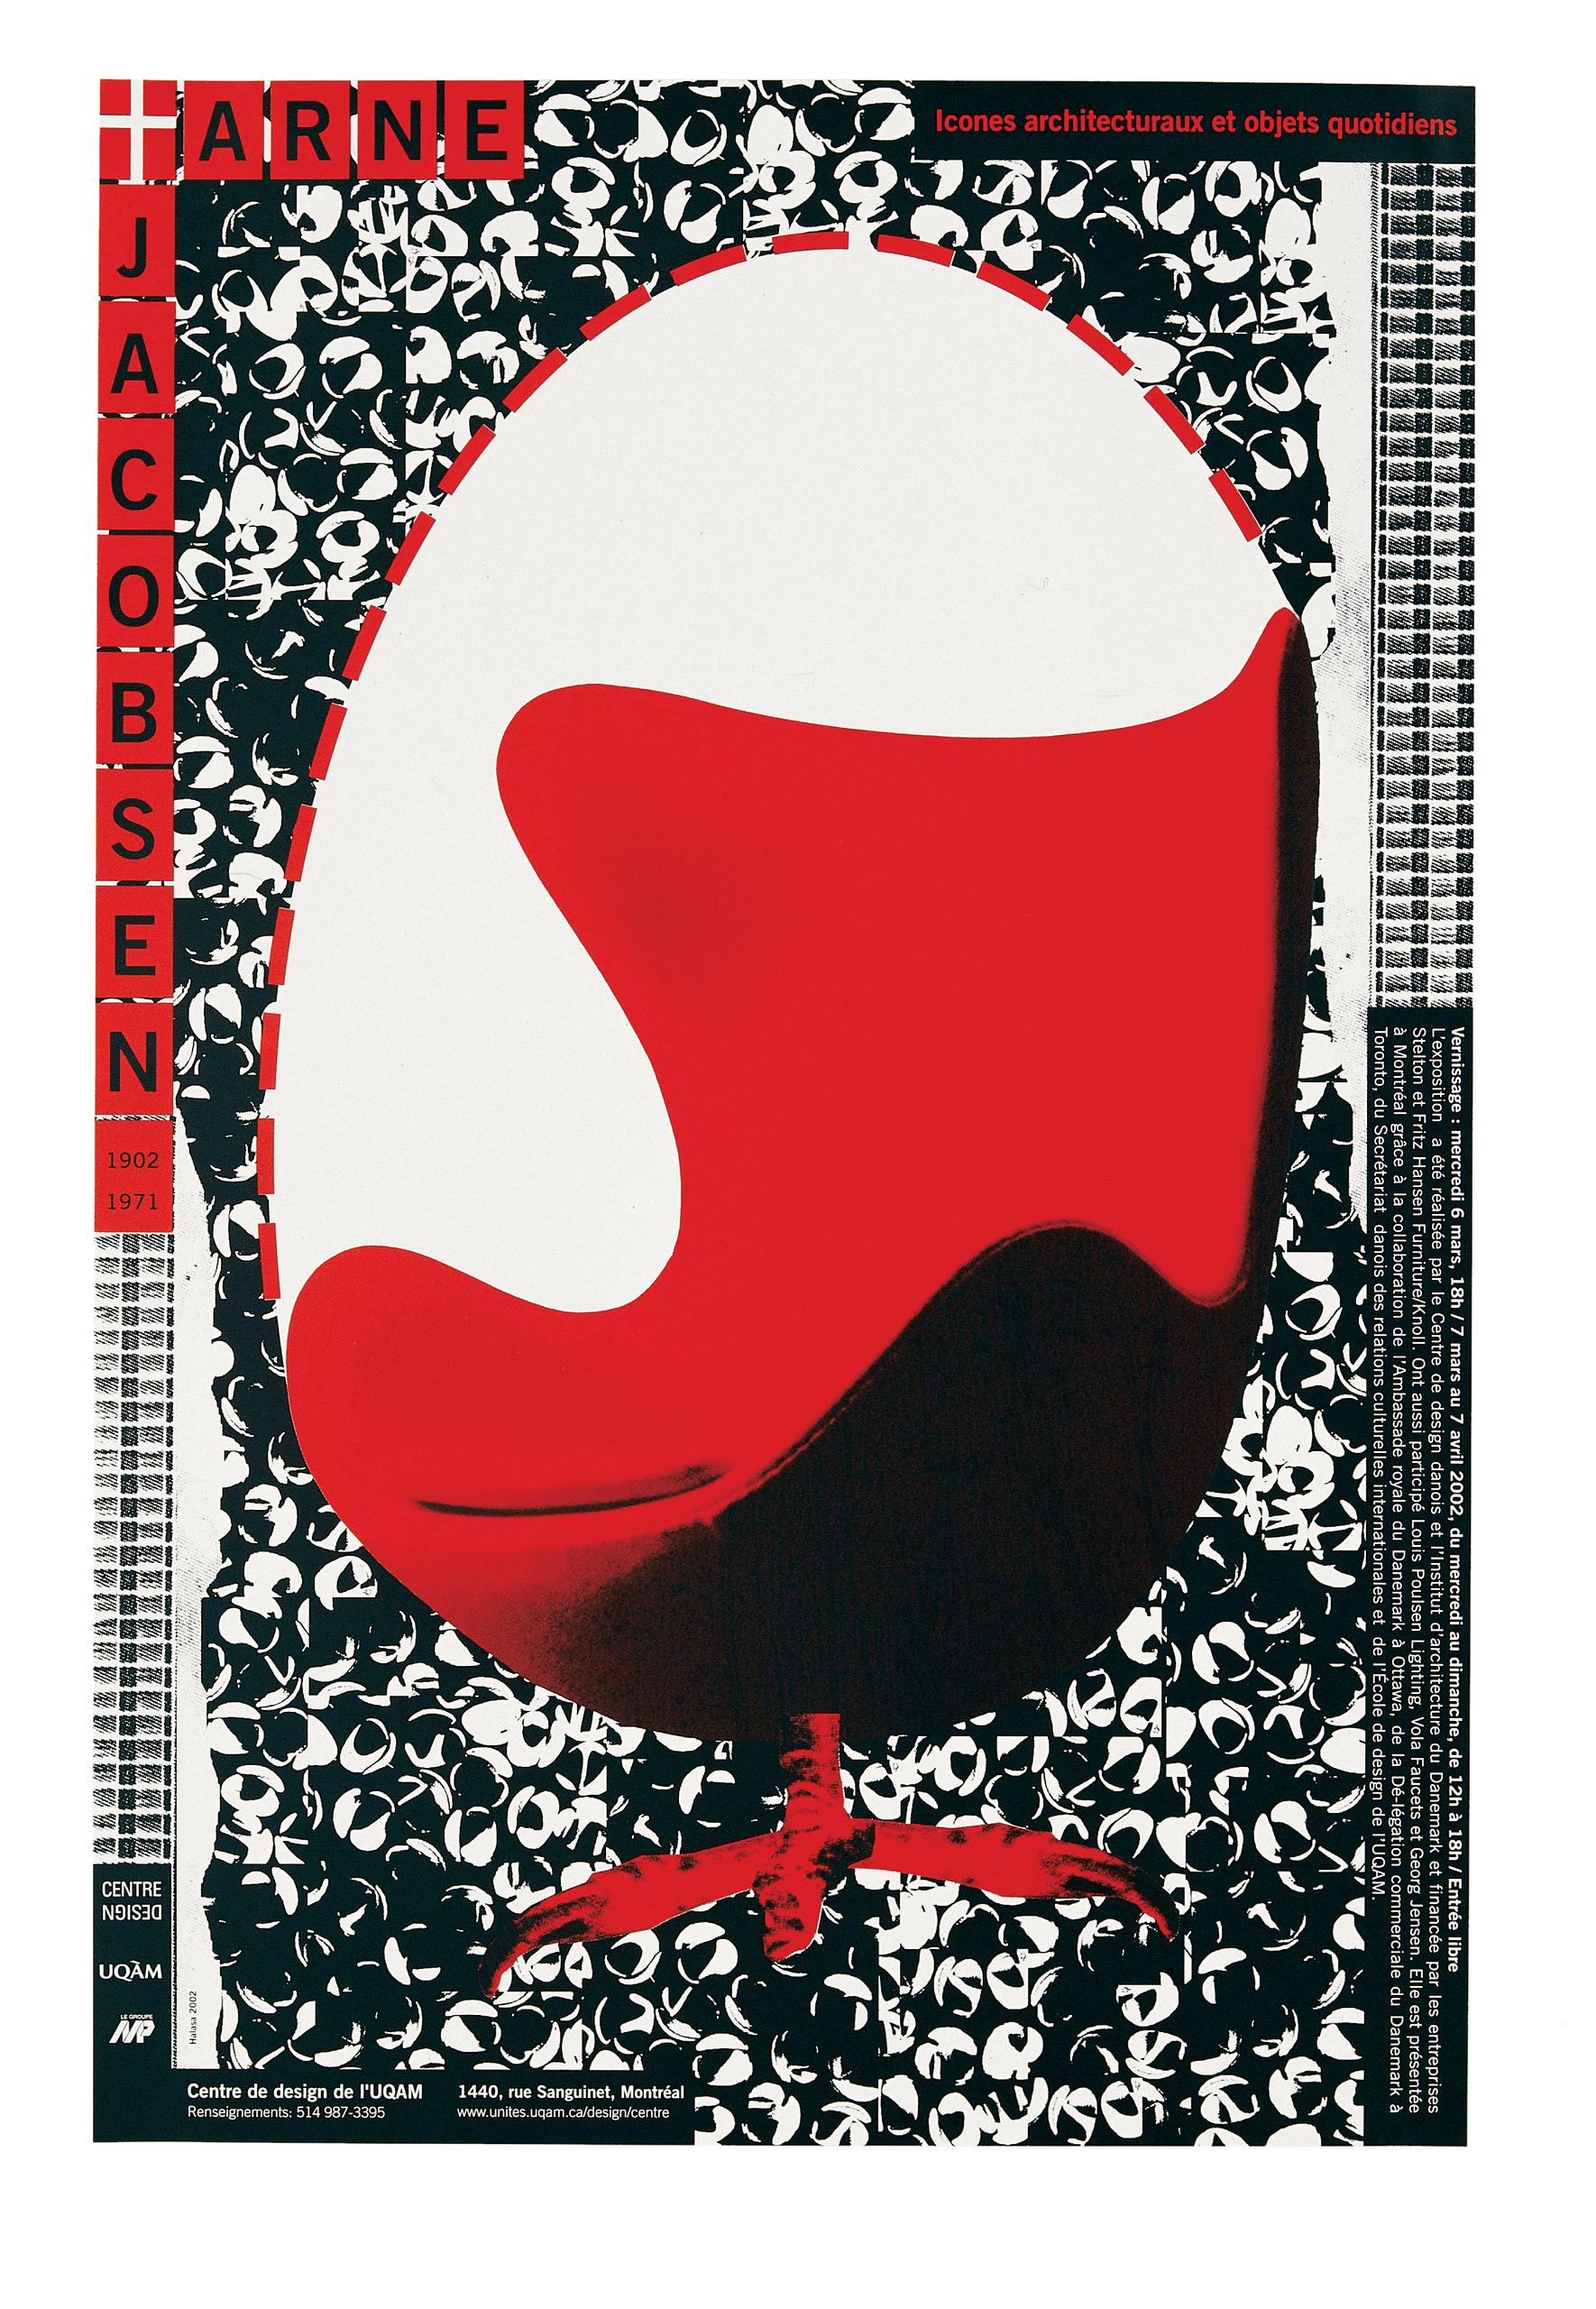 2002 - Exposition - Arne Jacobsen 1902-1971 Icône architecturaux et objets quotidiens ©Alfred Halasa